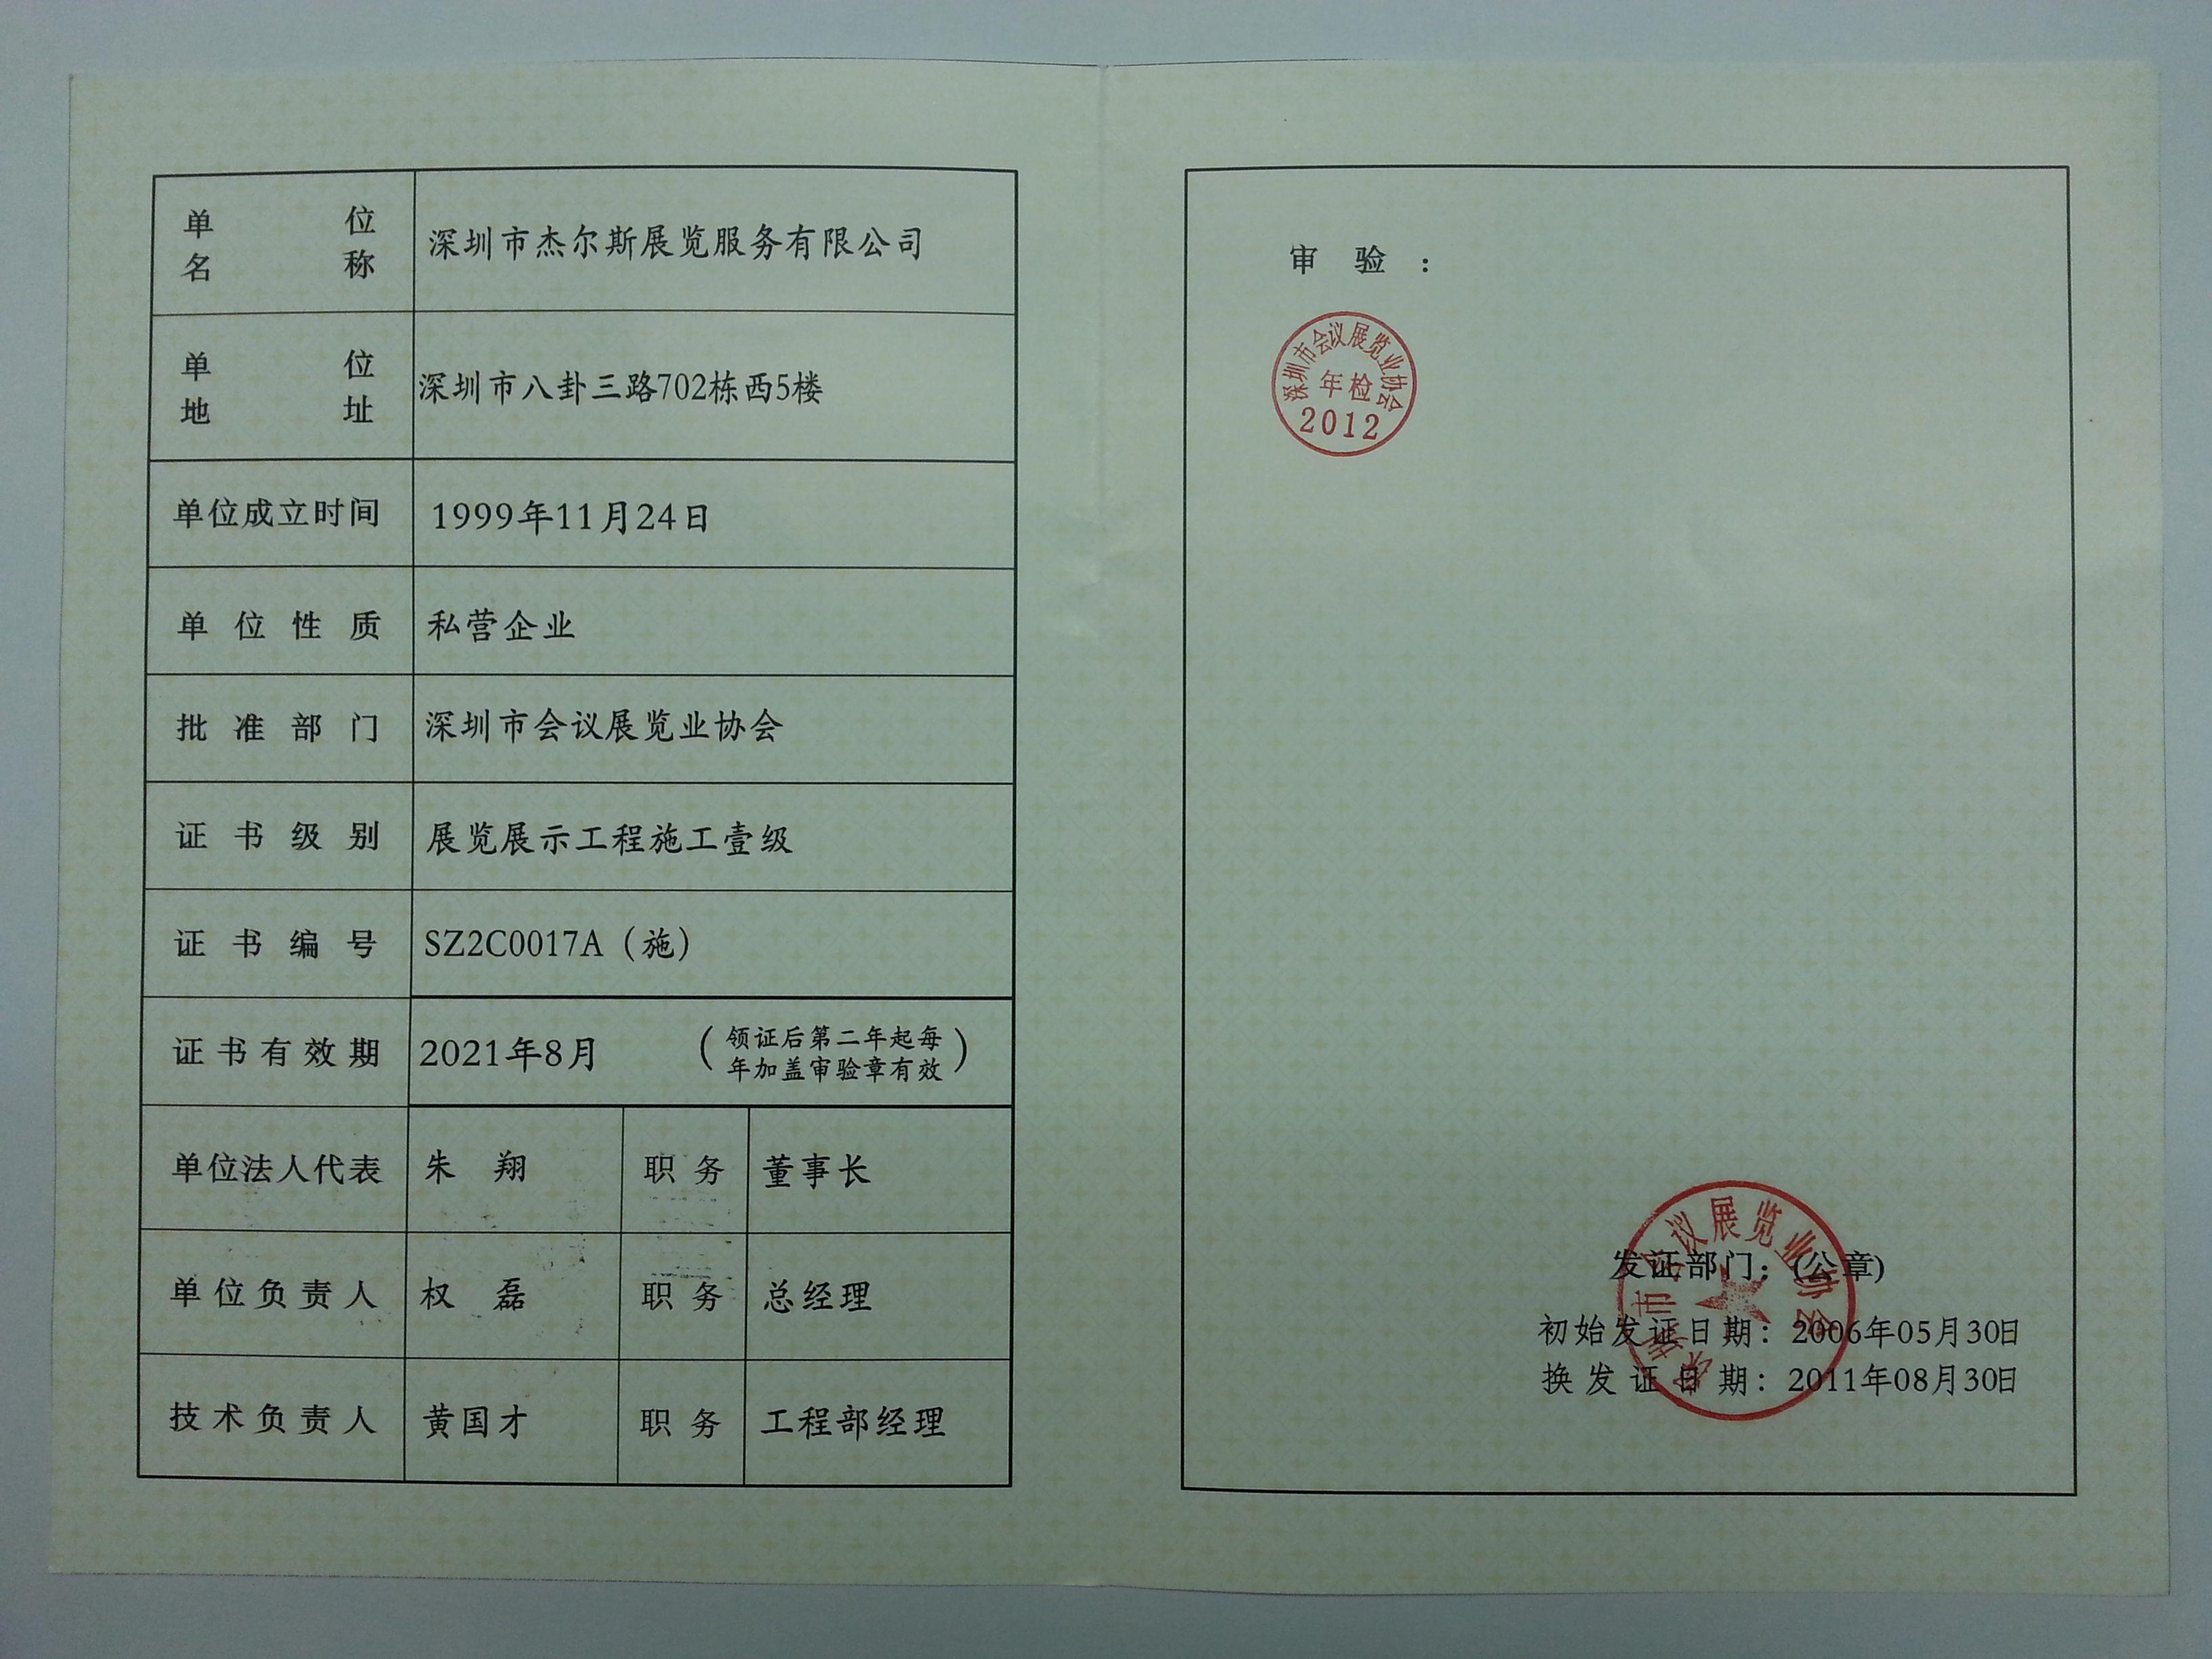 杰尔斯(gies)深圳杰尔斯-深圳杰尔斯展览服务有限公司规划馆布展方面图片